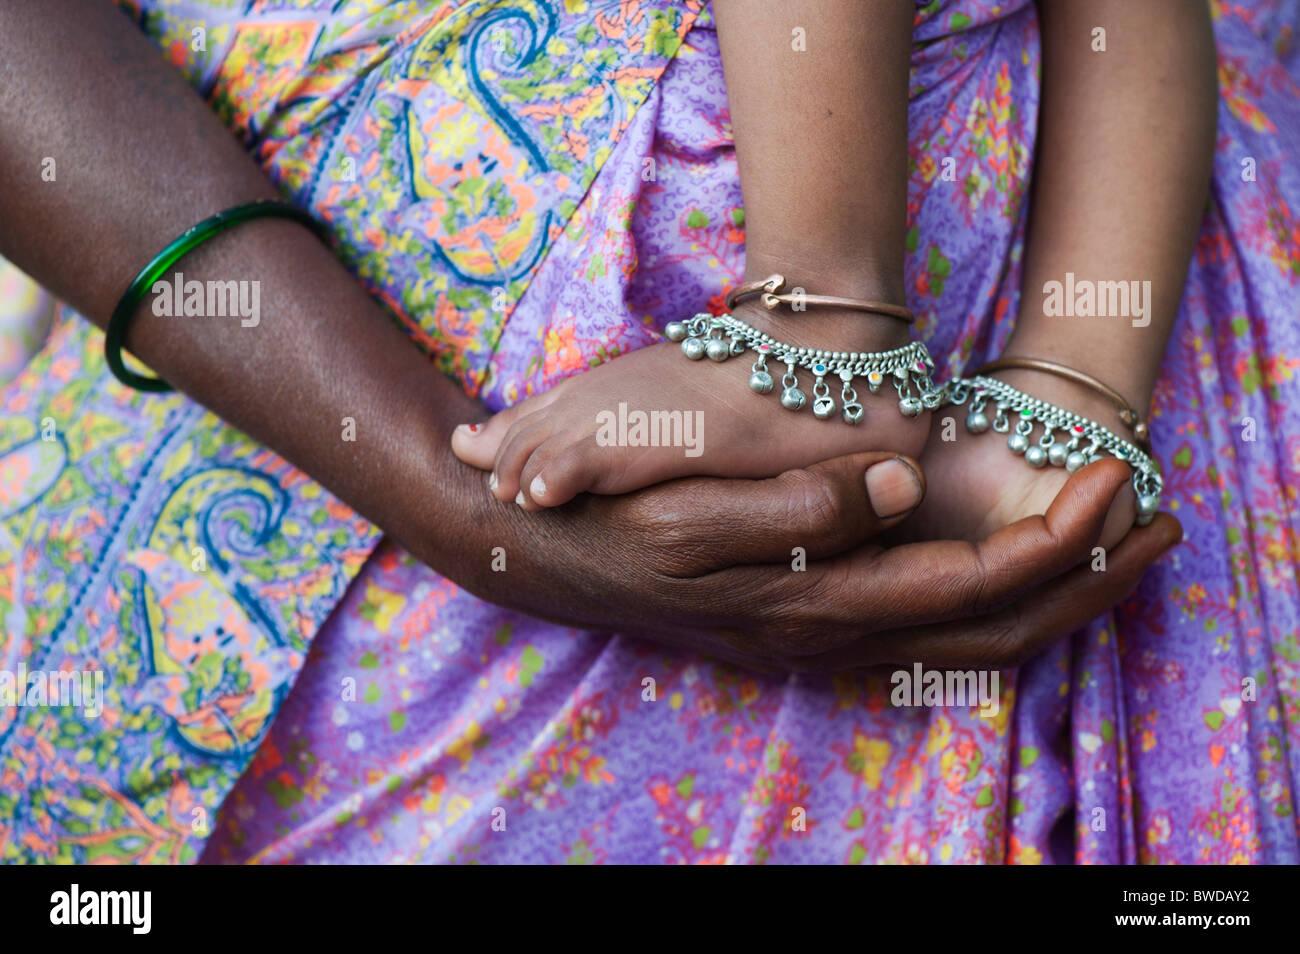 Bambini indiani piedi sulle madri le mani contro vestiti colorati. Andhra Pradesh, India Immagini Stock